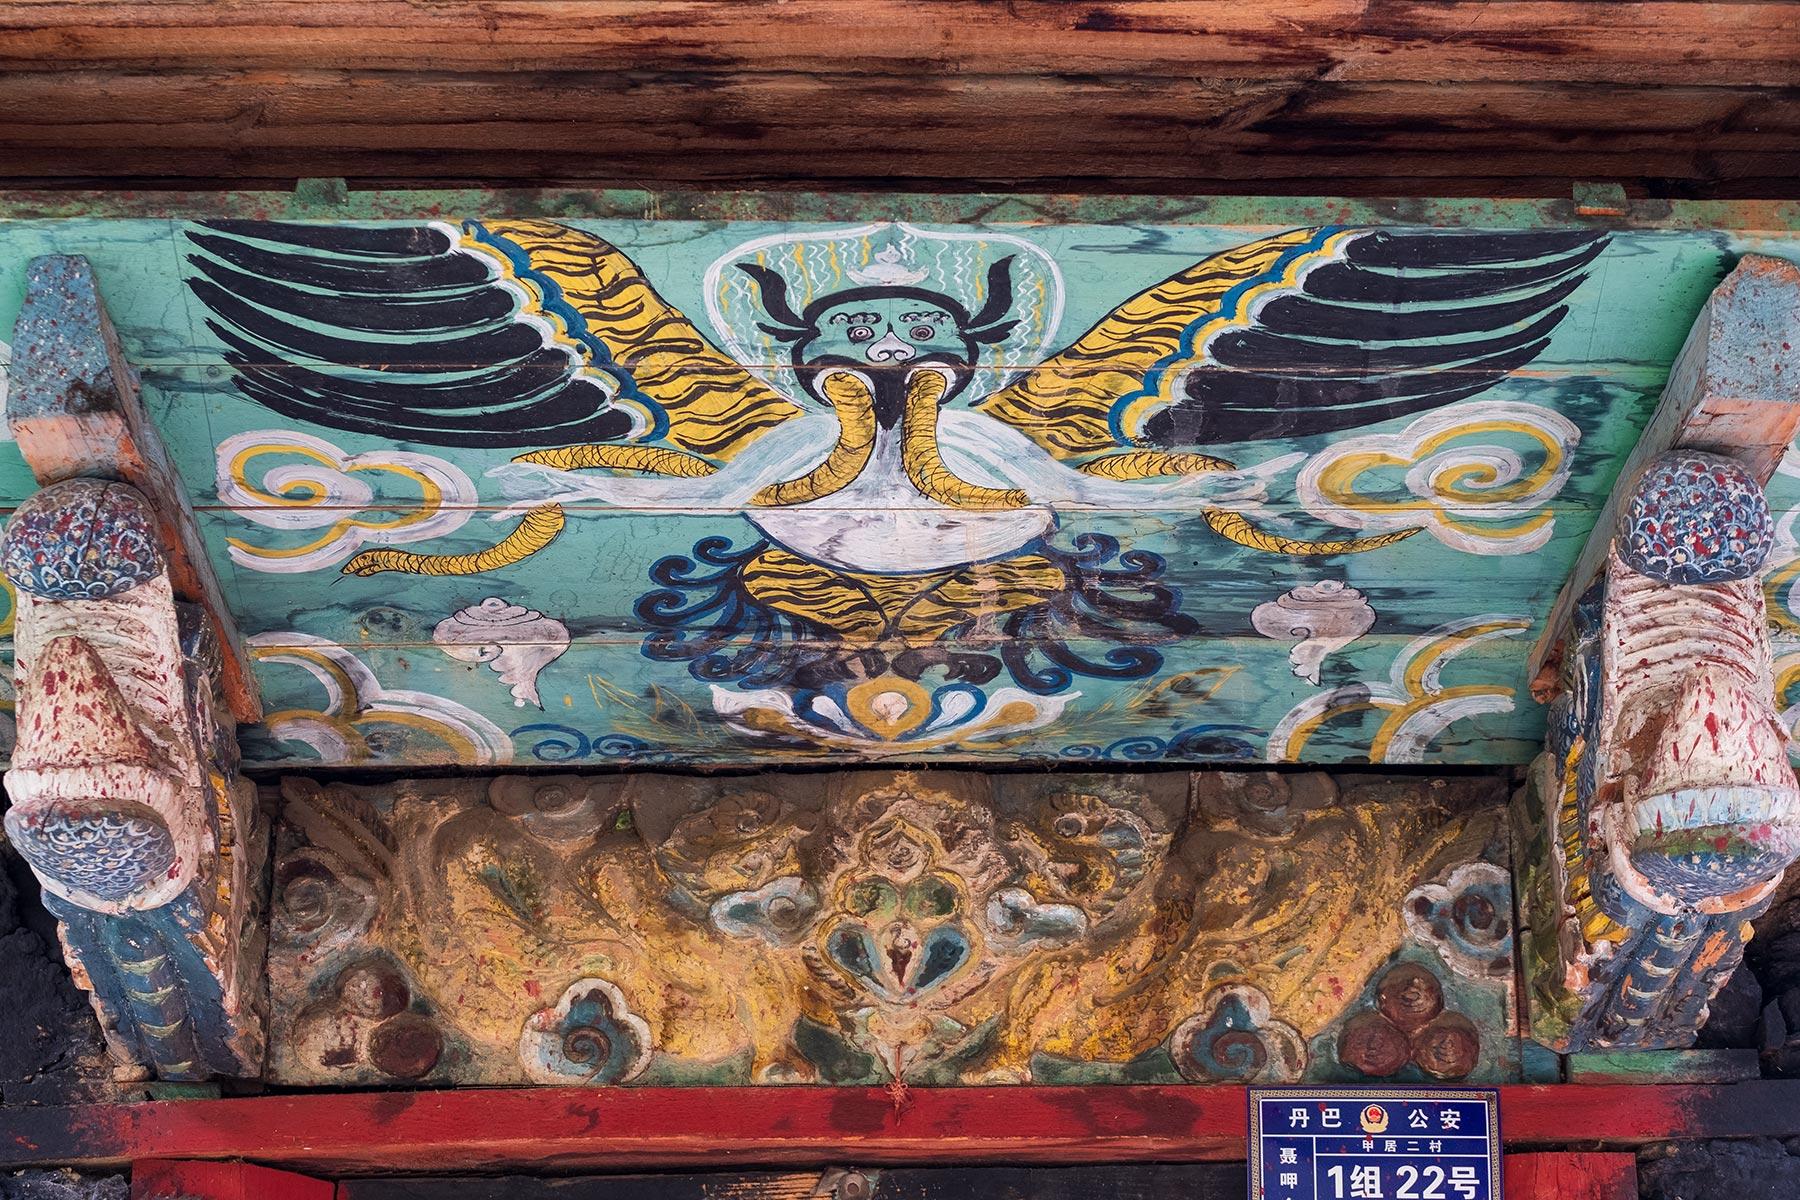 Holzverzierungen Malereien im tibetischen Dorf Danba Zangzhai in China